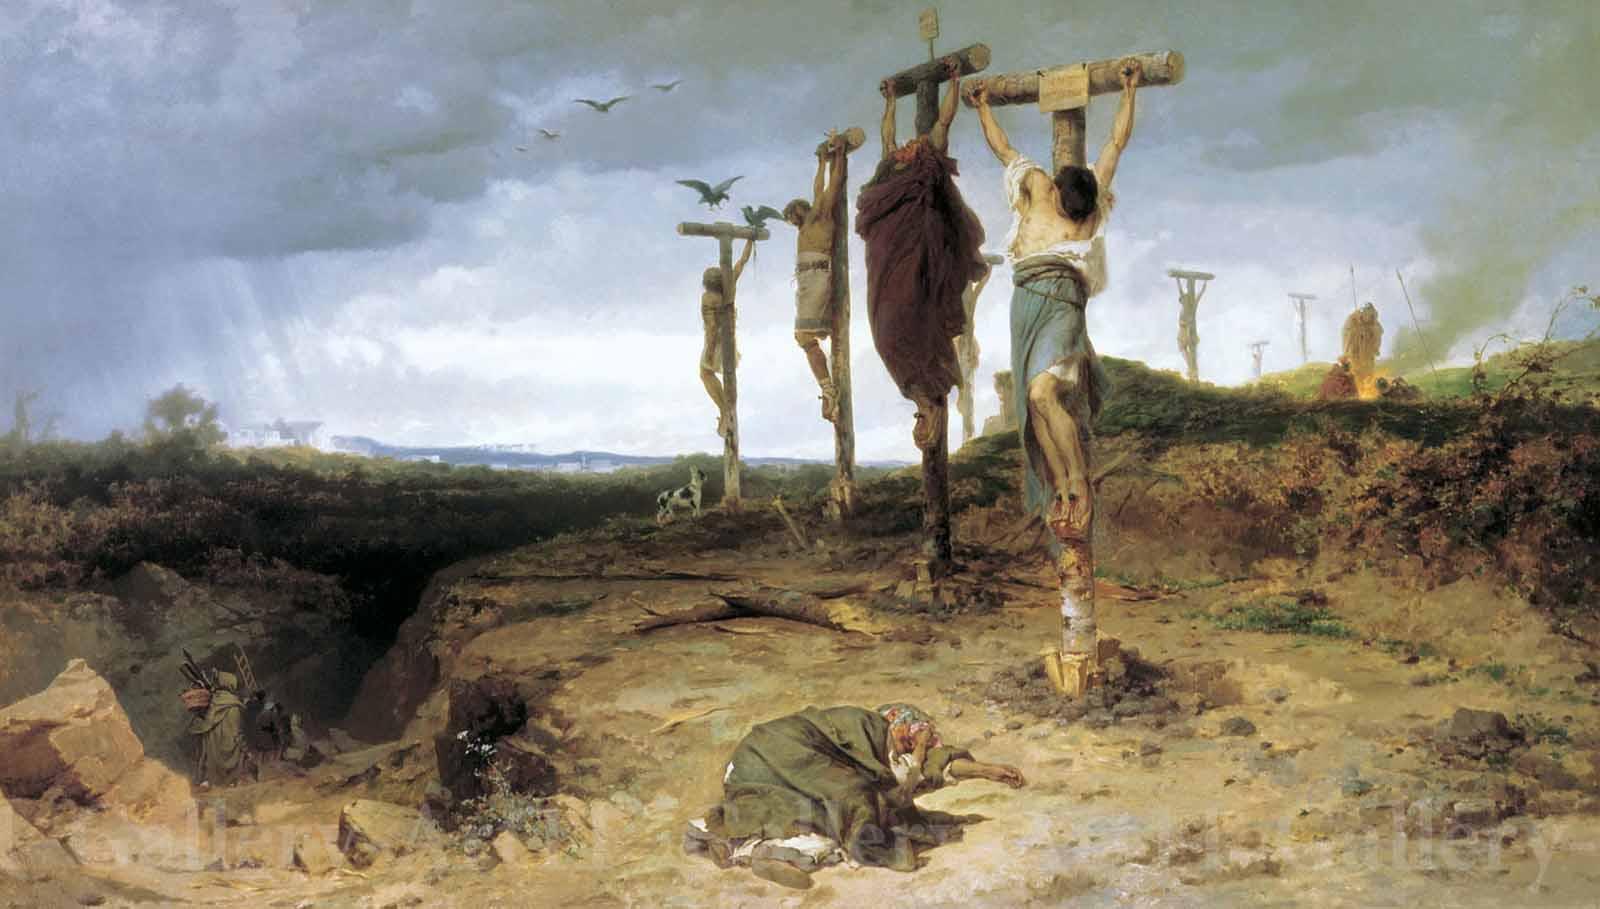 Рабыни на кресте 4 фотография